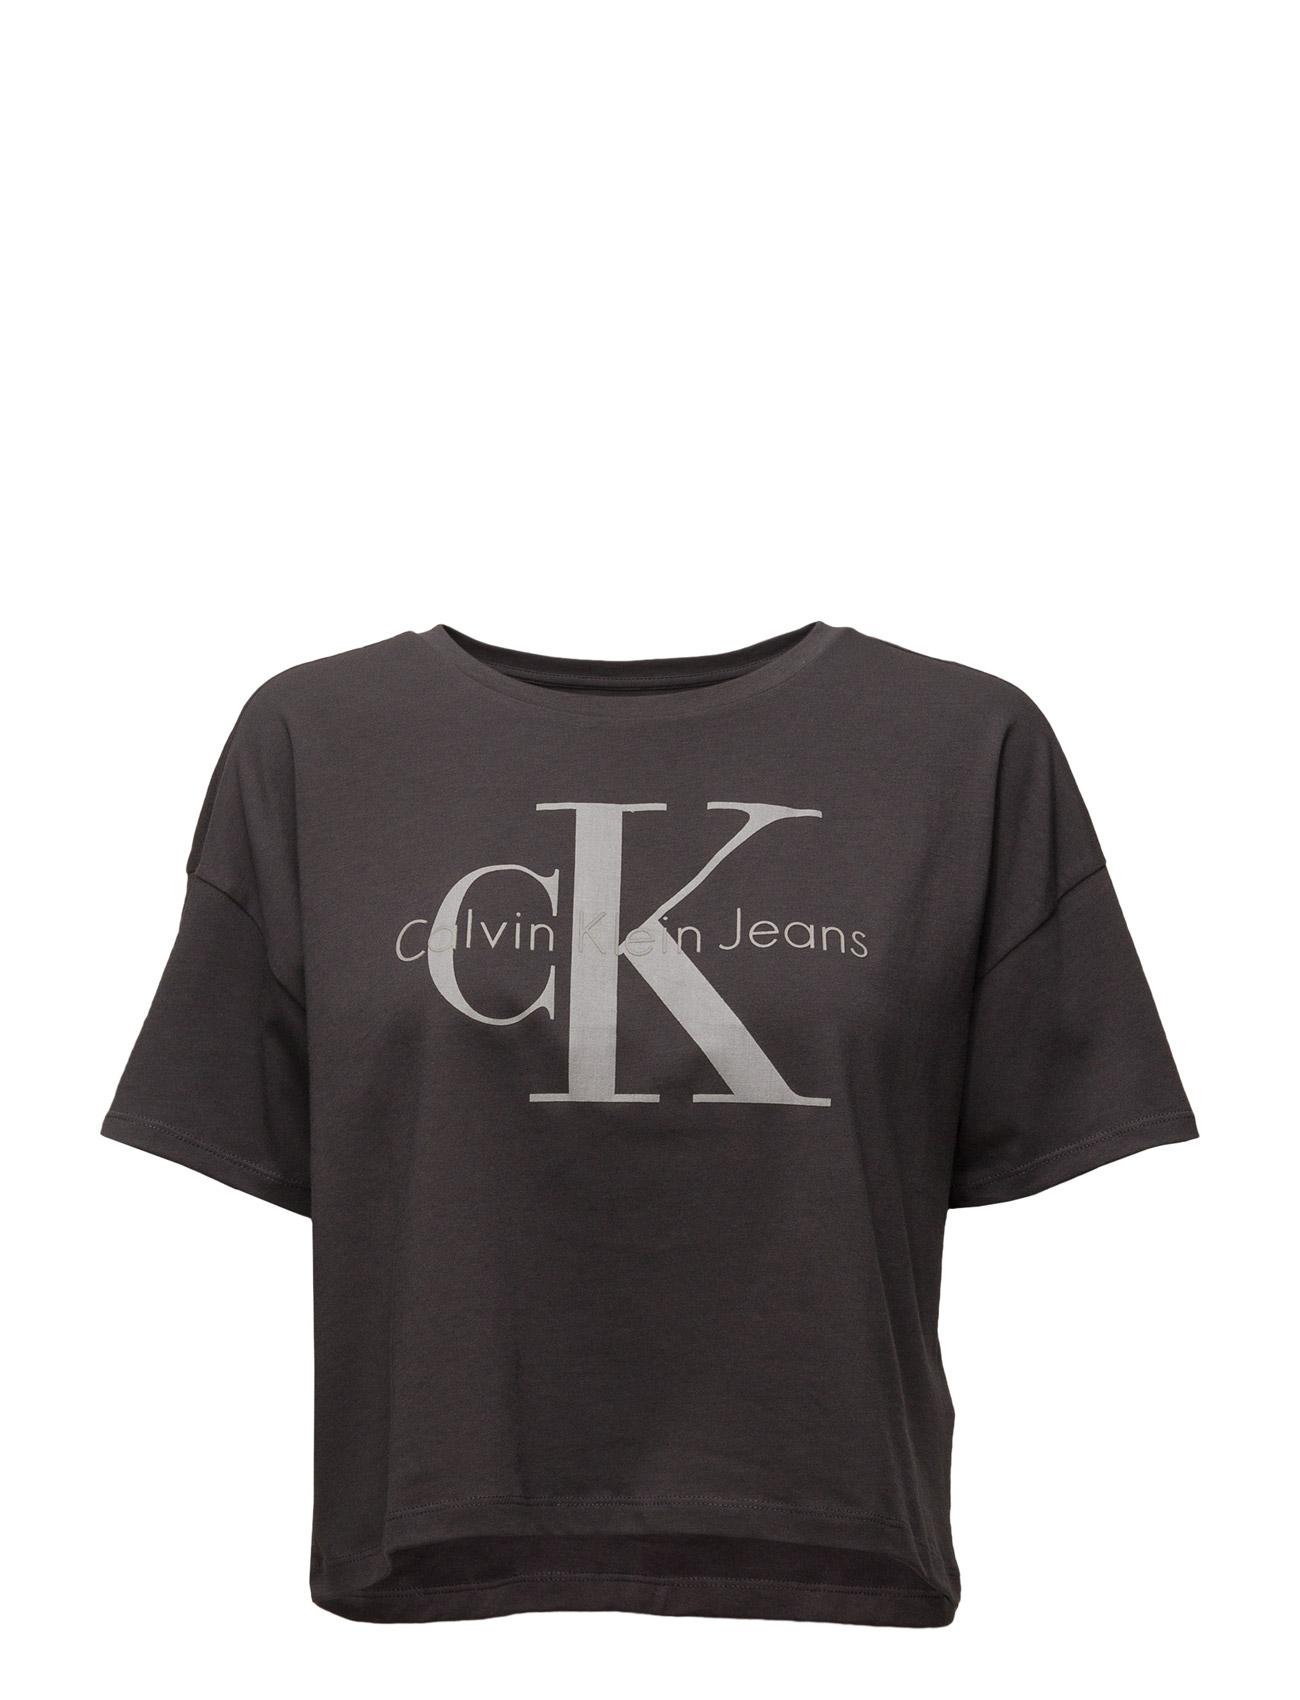 Teca-14 True Icon Cn Calvin Klein Jeans Kortærmede til Damer i fantom